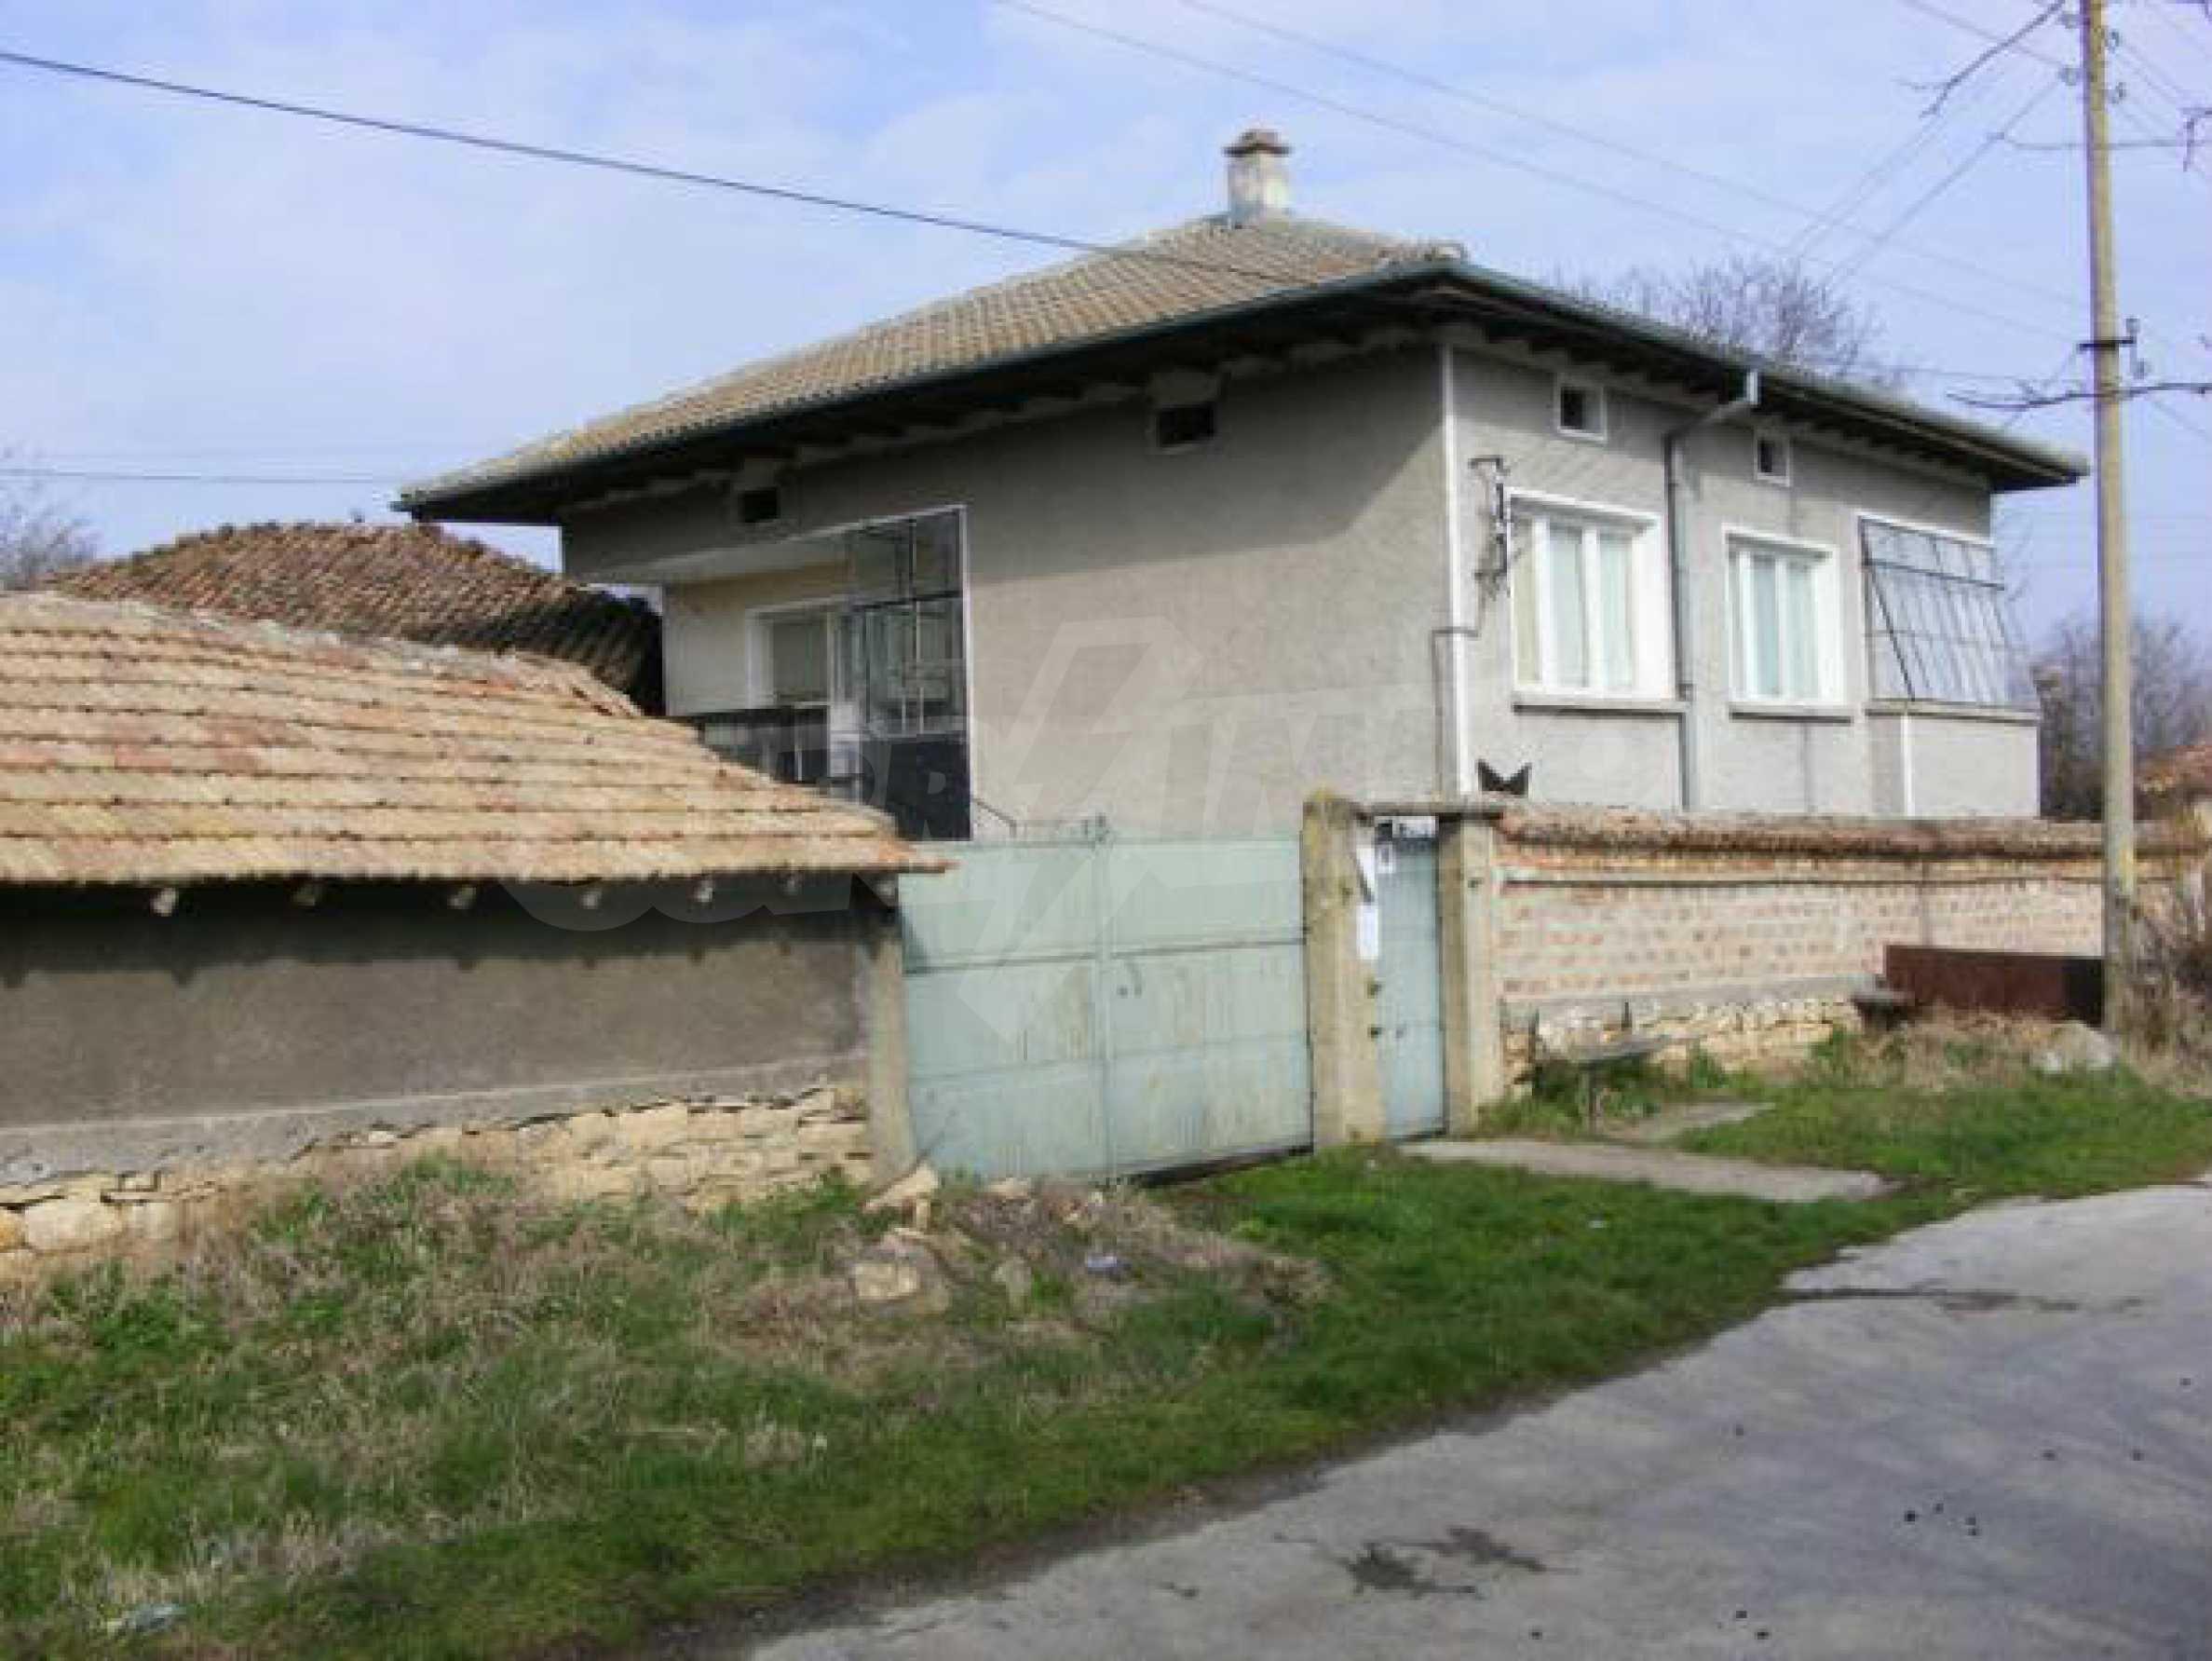 Großes zweistöckiges Backsteinhaus in einem Dorf 40 km von Veliko Tarnovo entfernt 1